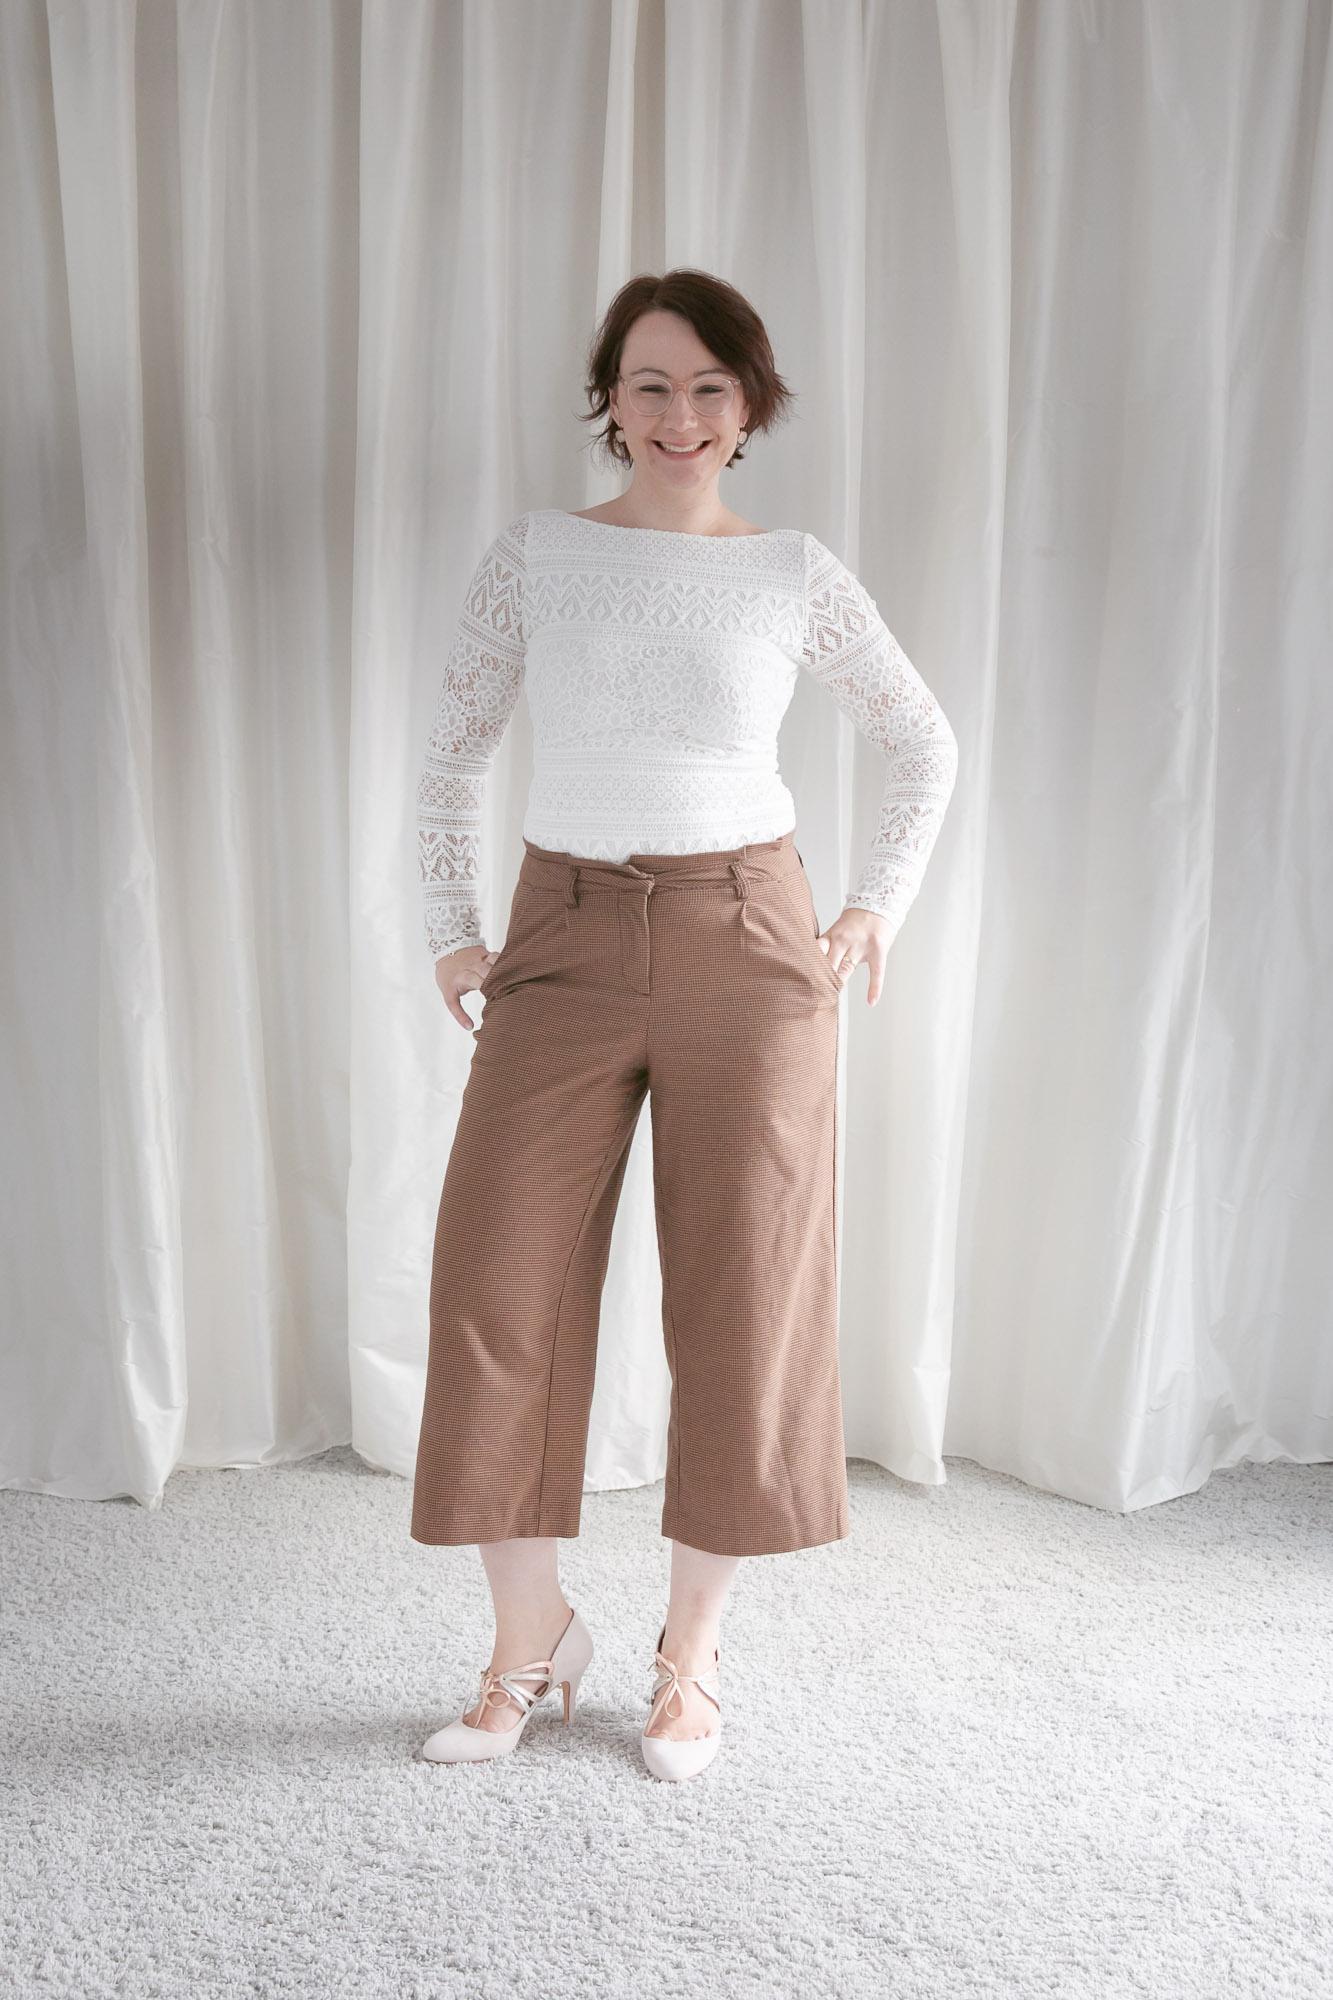 noni Brautkleider, Spitzenbody mit langen Ärmeln mit brauner Culotte als Styling Inspiration